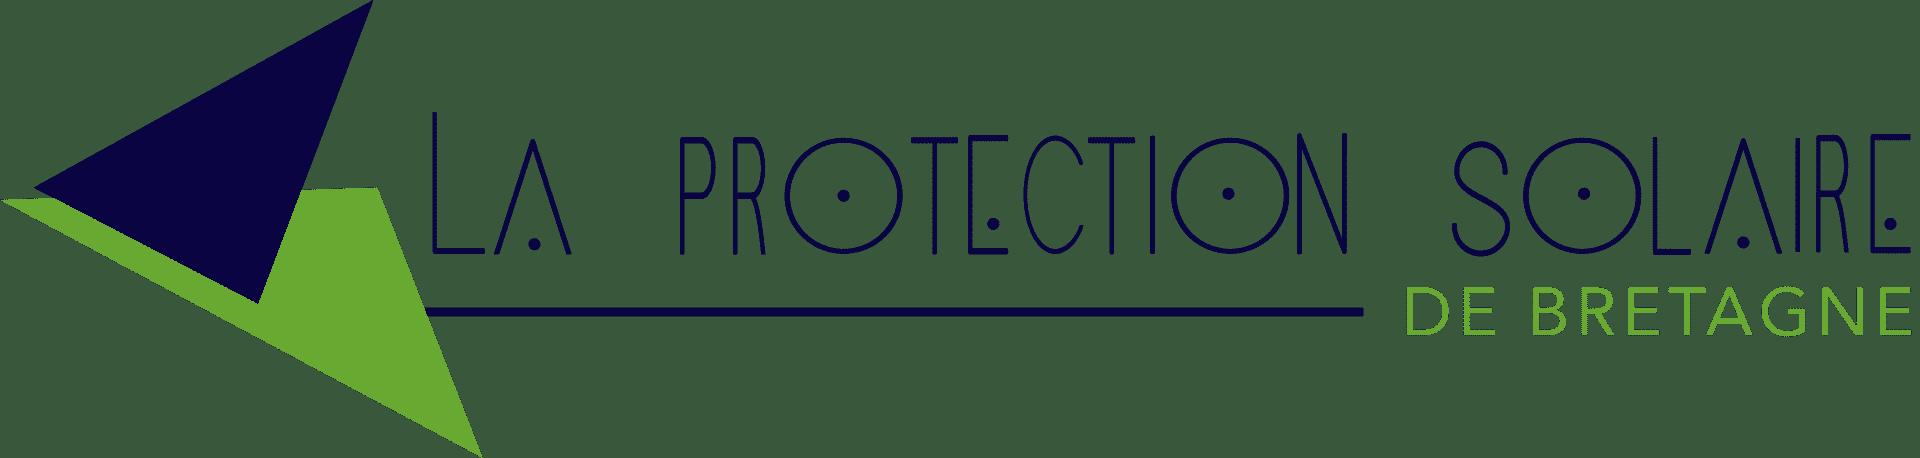 La Protection Solaire de Bretagne